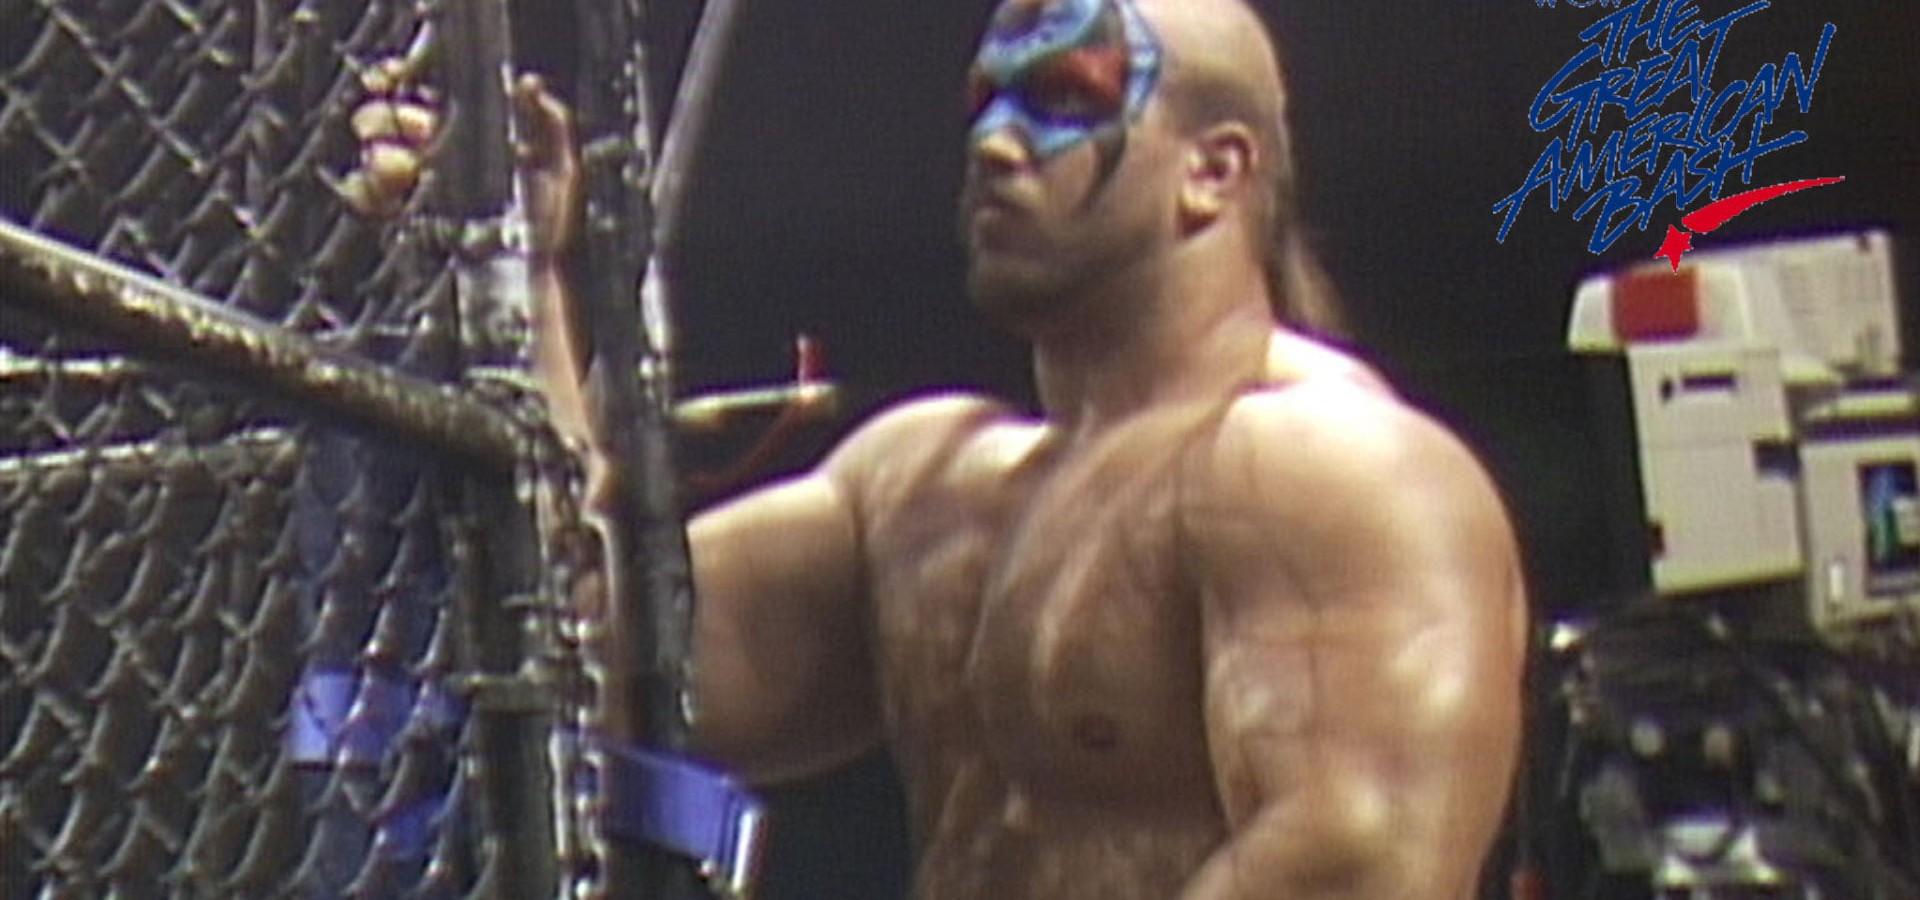 NWA The Great American Bash '89: The Glory Days